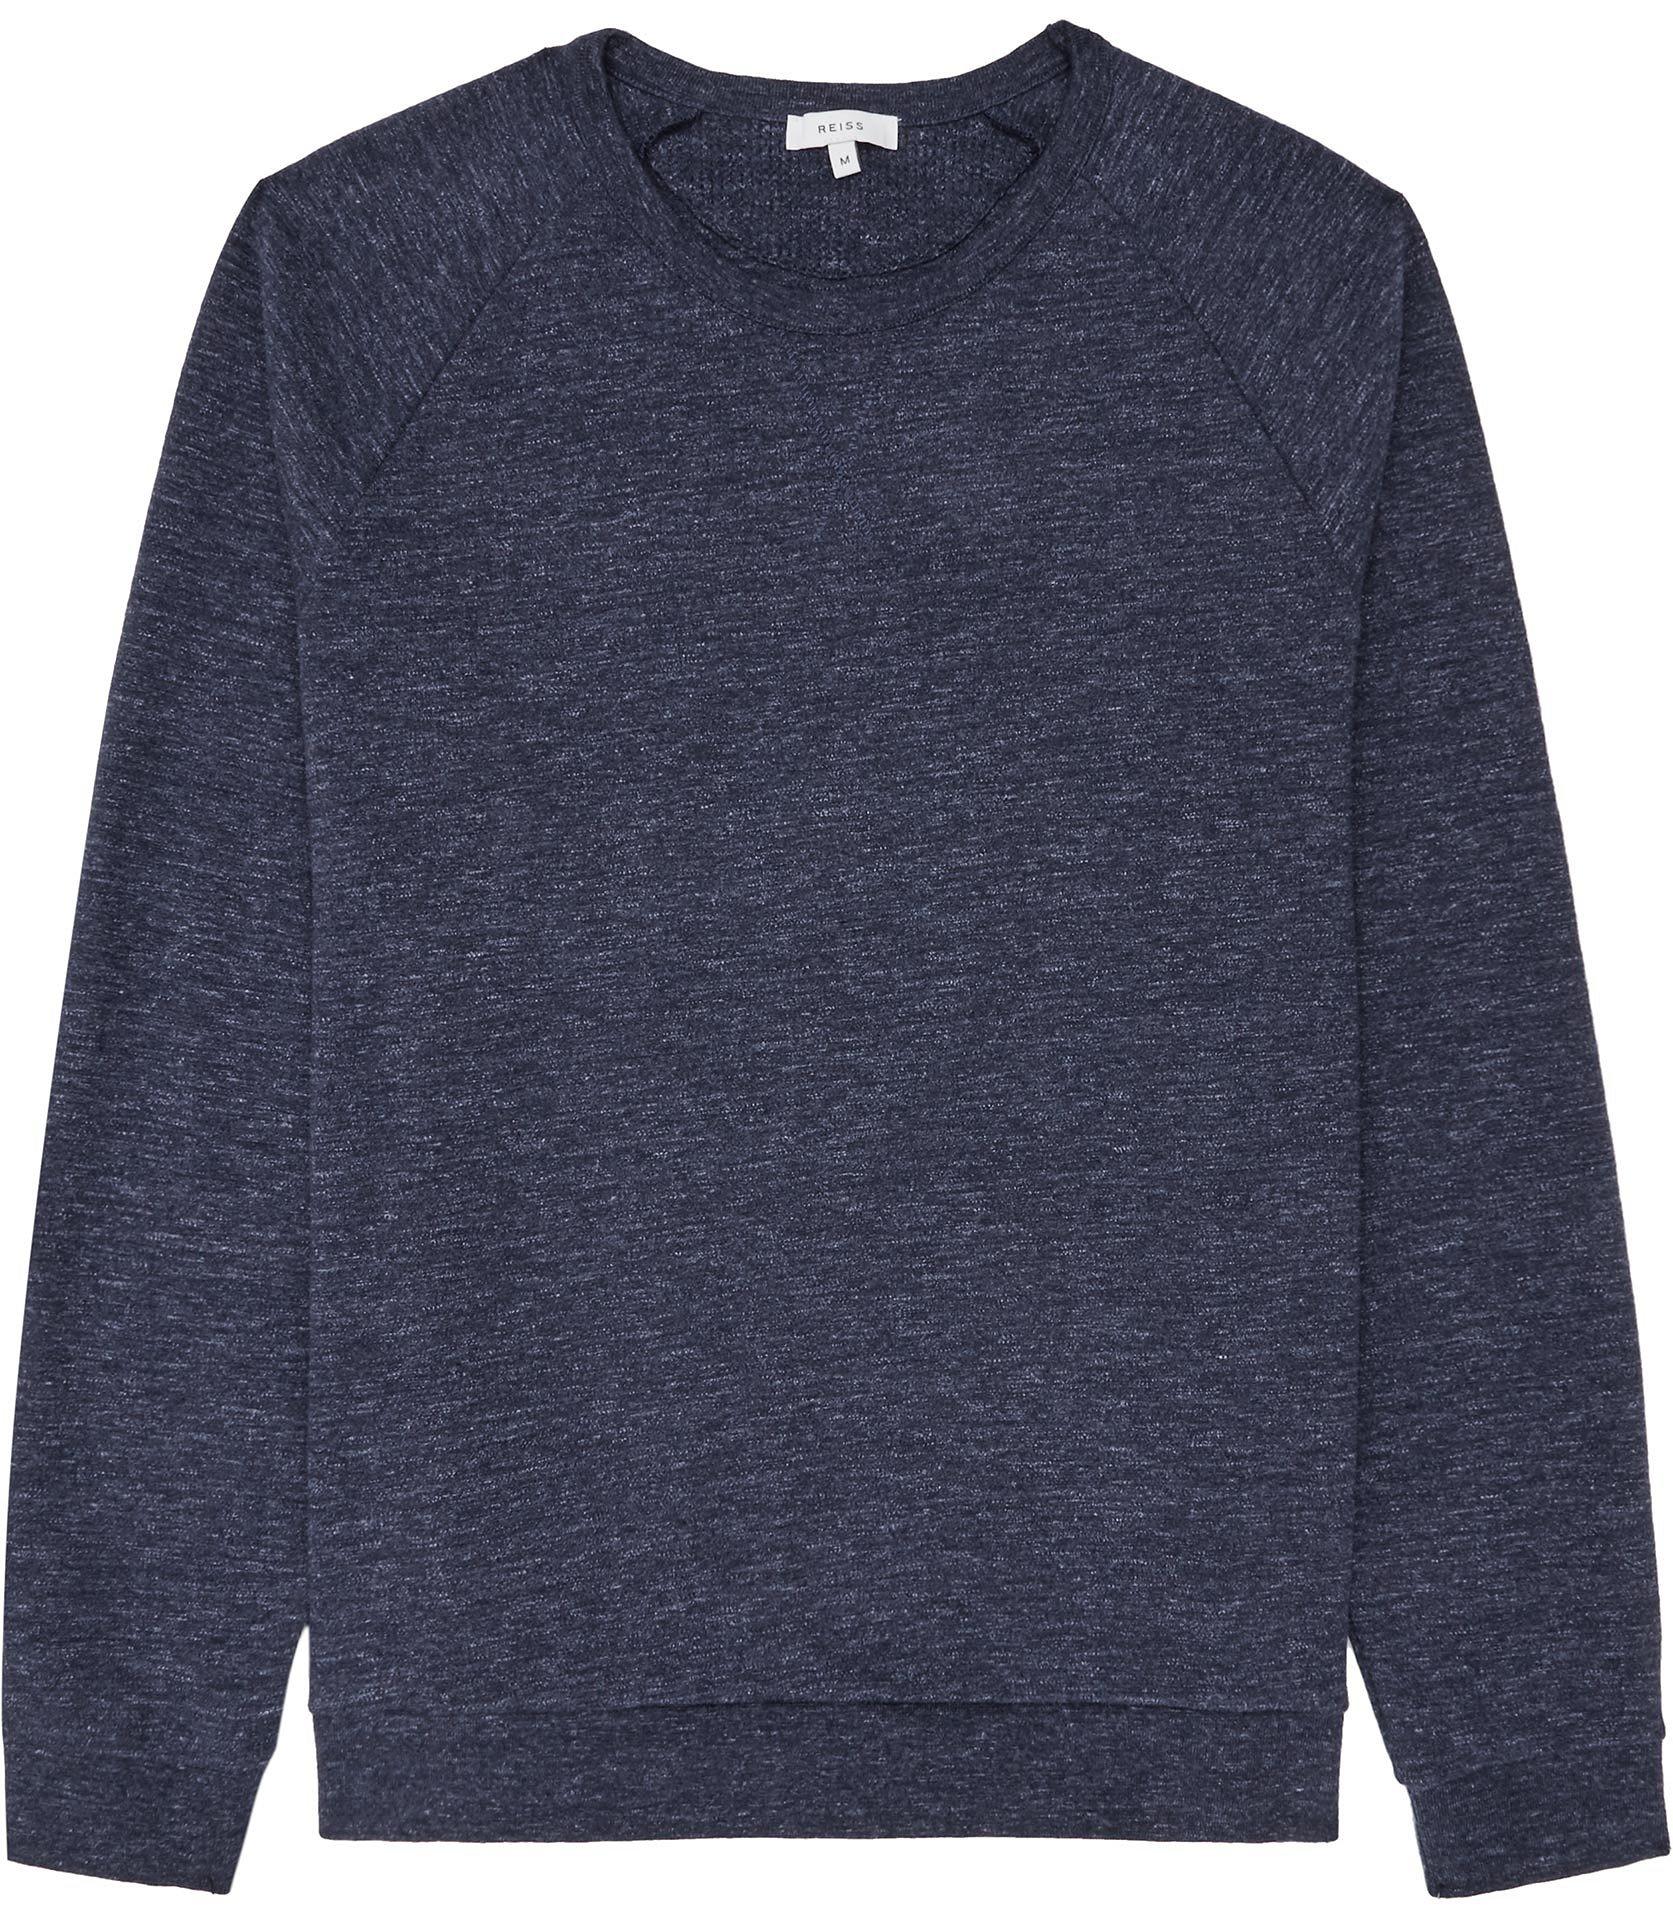 Rio marl sweatshirt, £70 ( reiss.com )